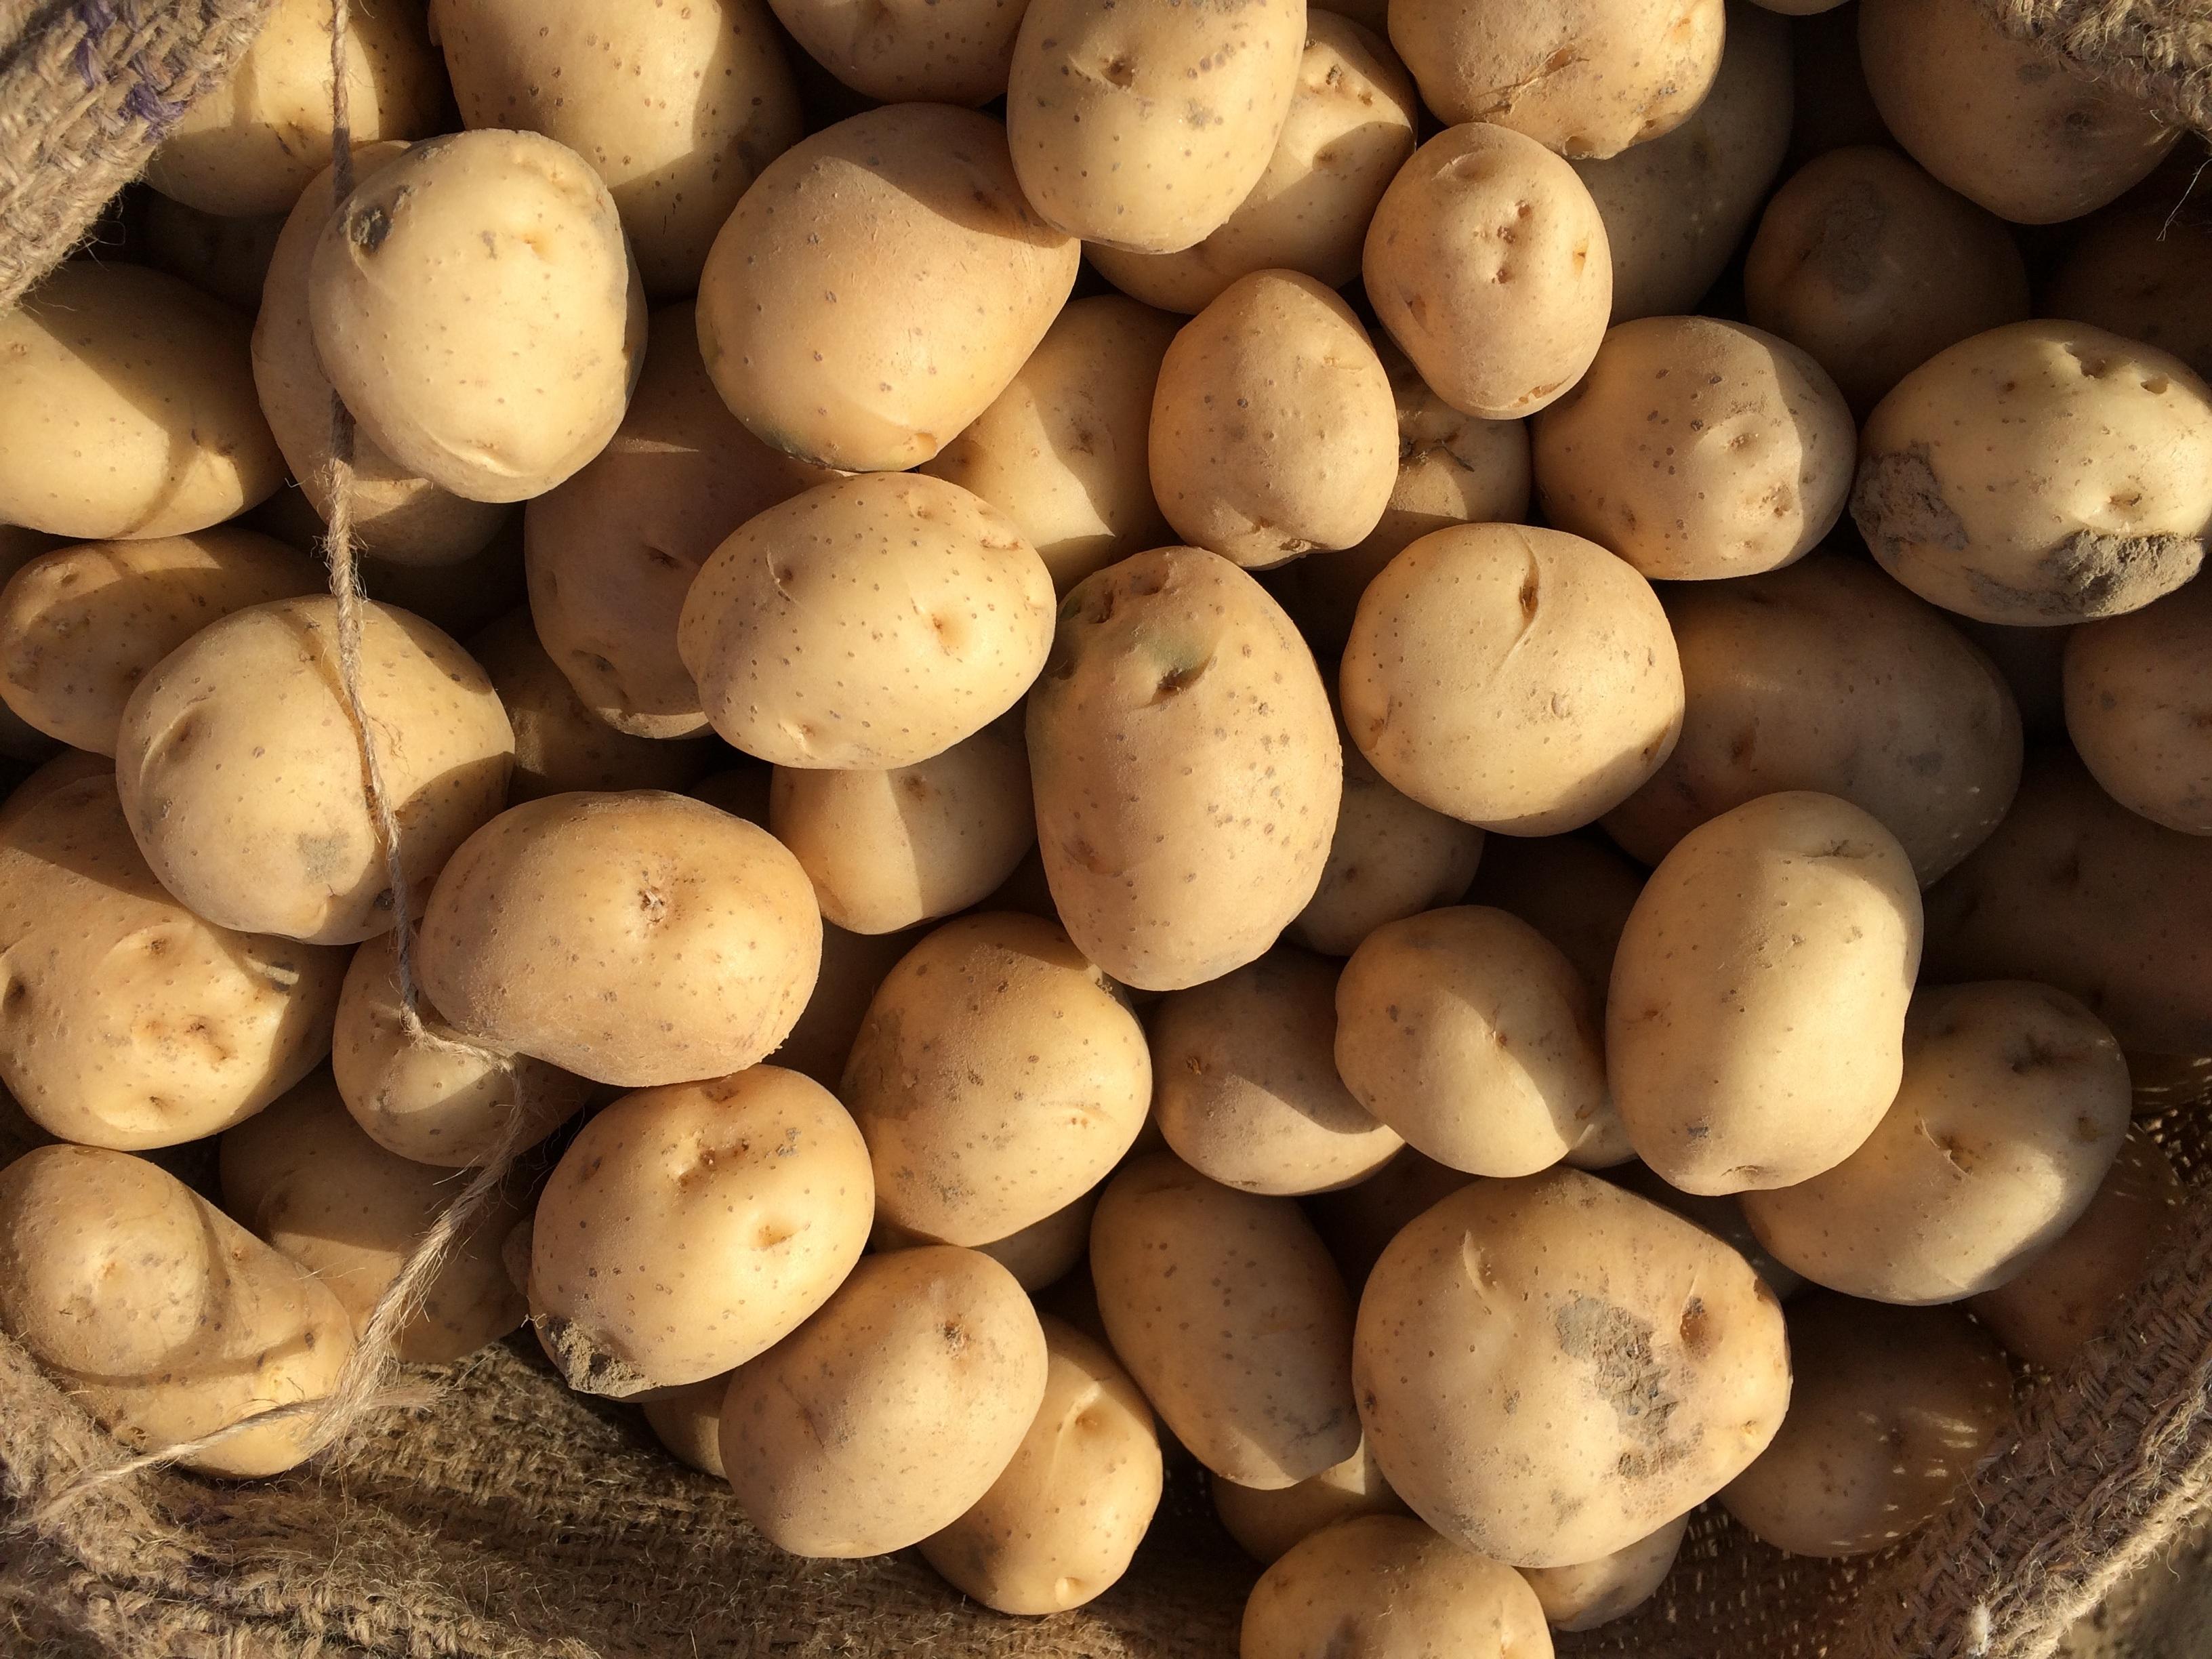 Kartoffel Bilder Kostenlos kostenlose foto lebensmittel produzieren gemüse frisch